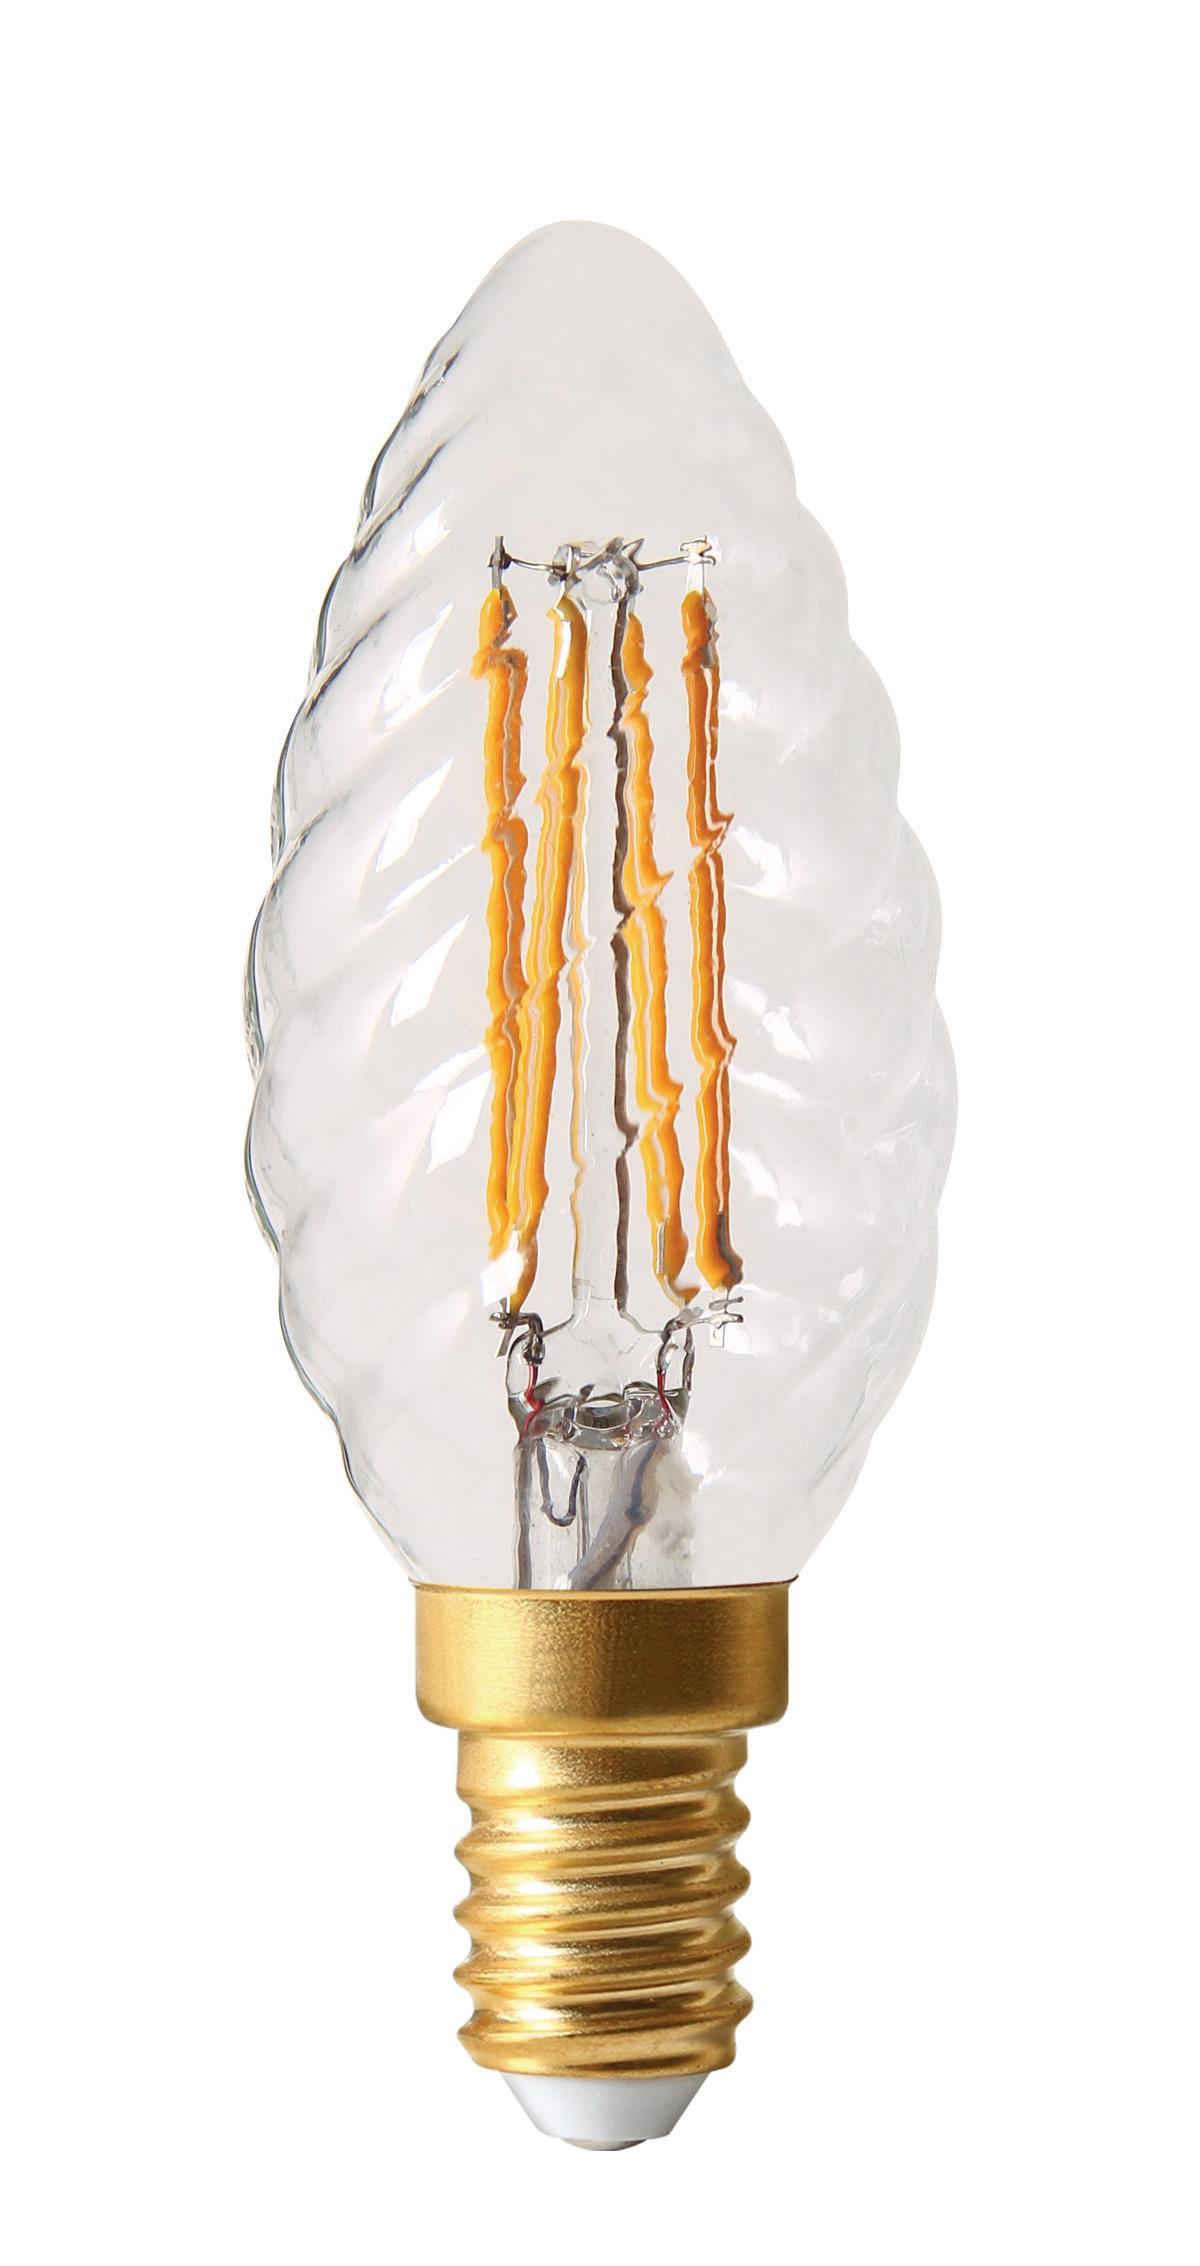 danlamp – E14 - 2,5w led krystalkerte på luxlight.dk